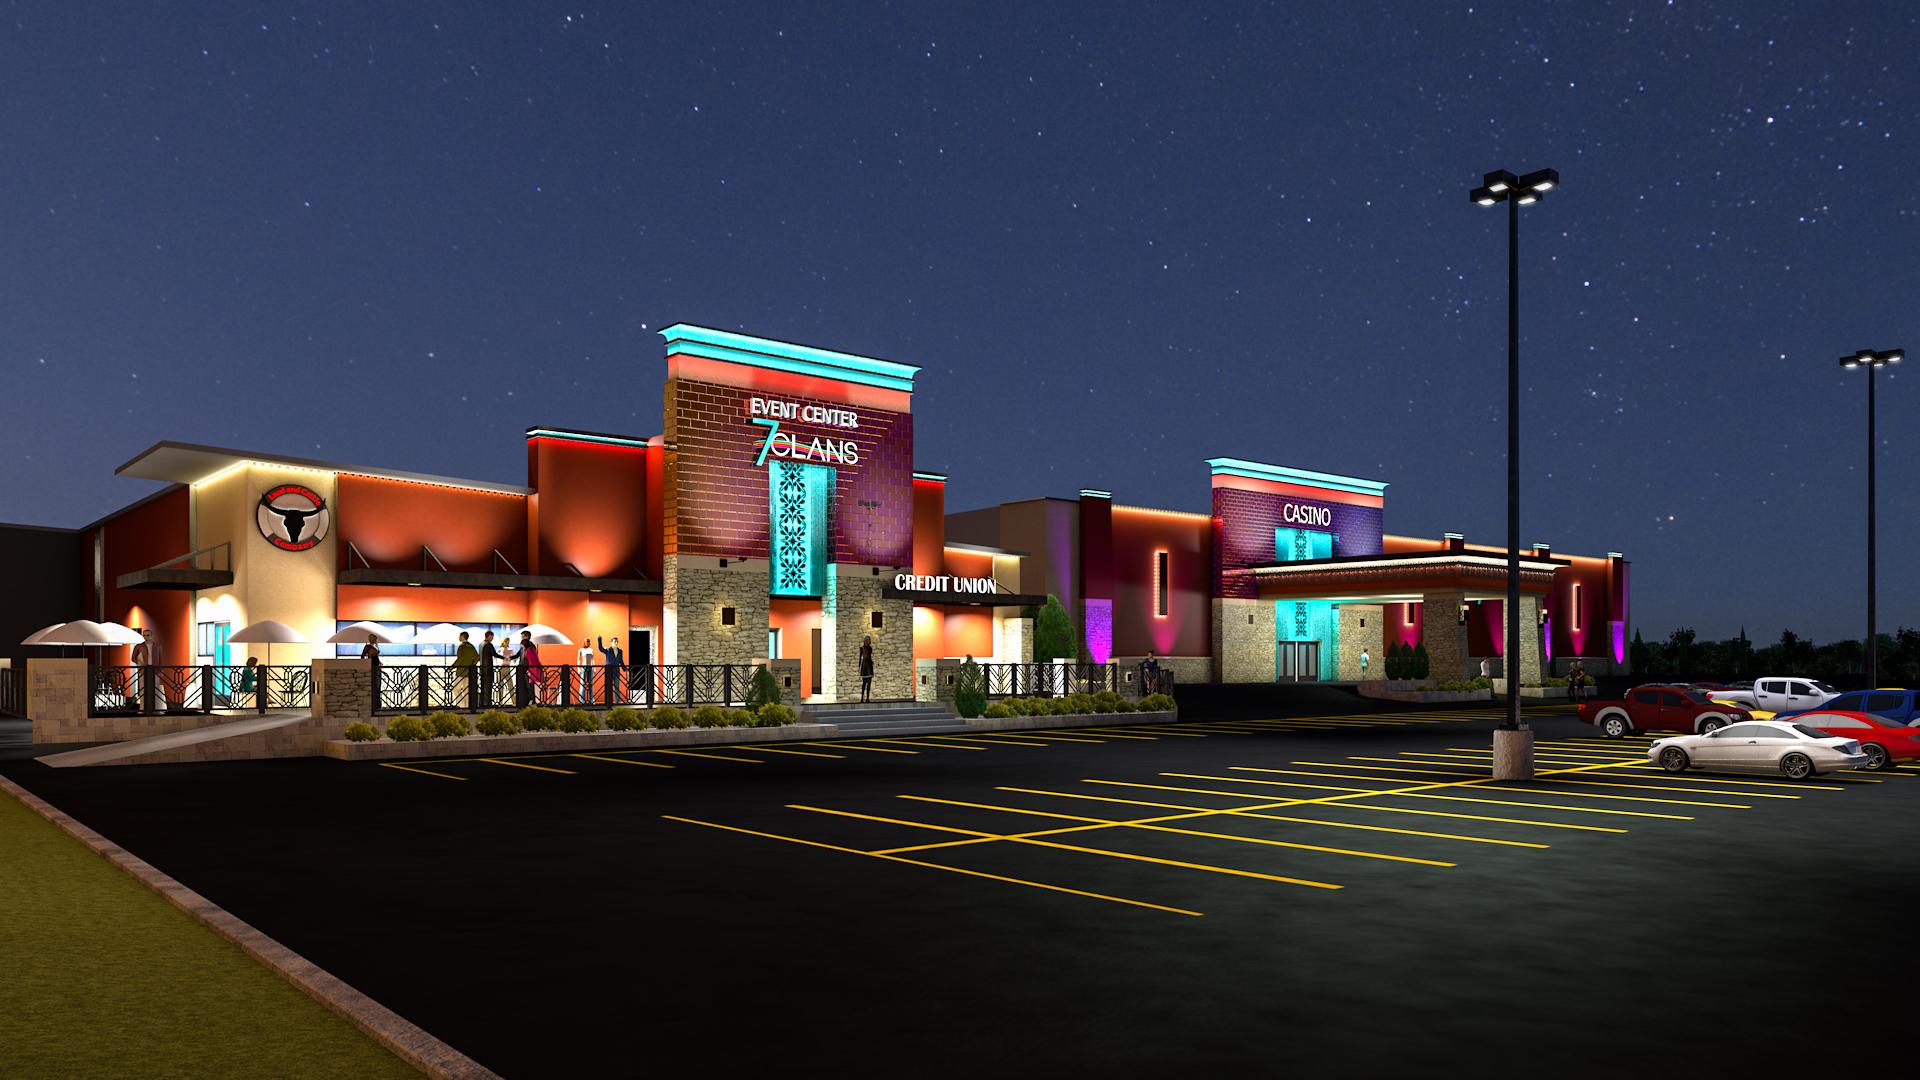 7 Clans Casino Paradise